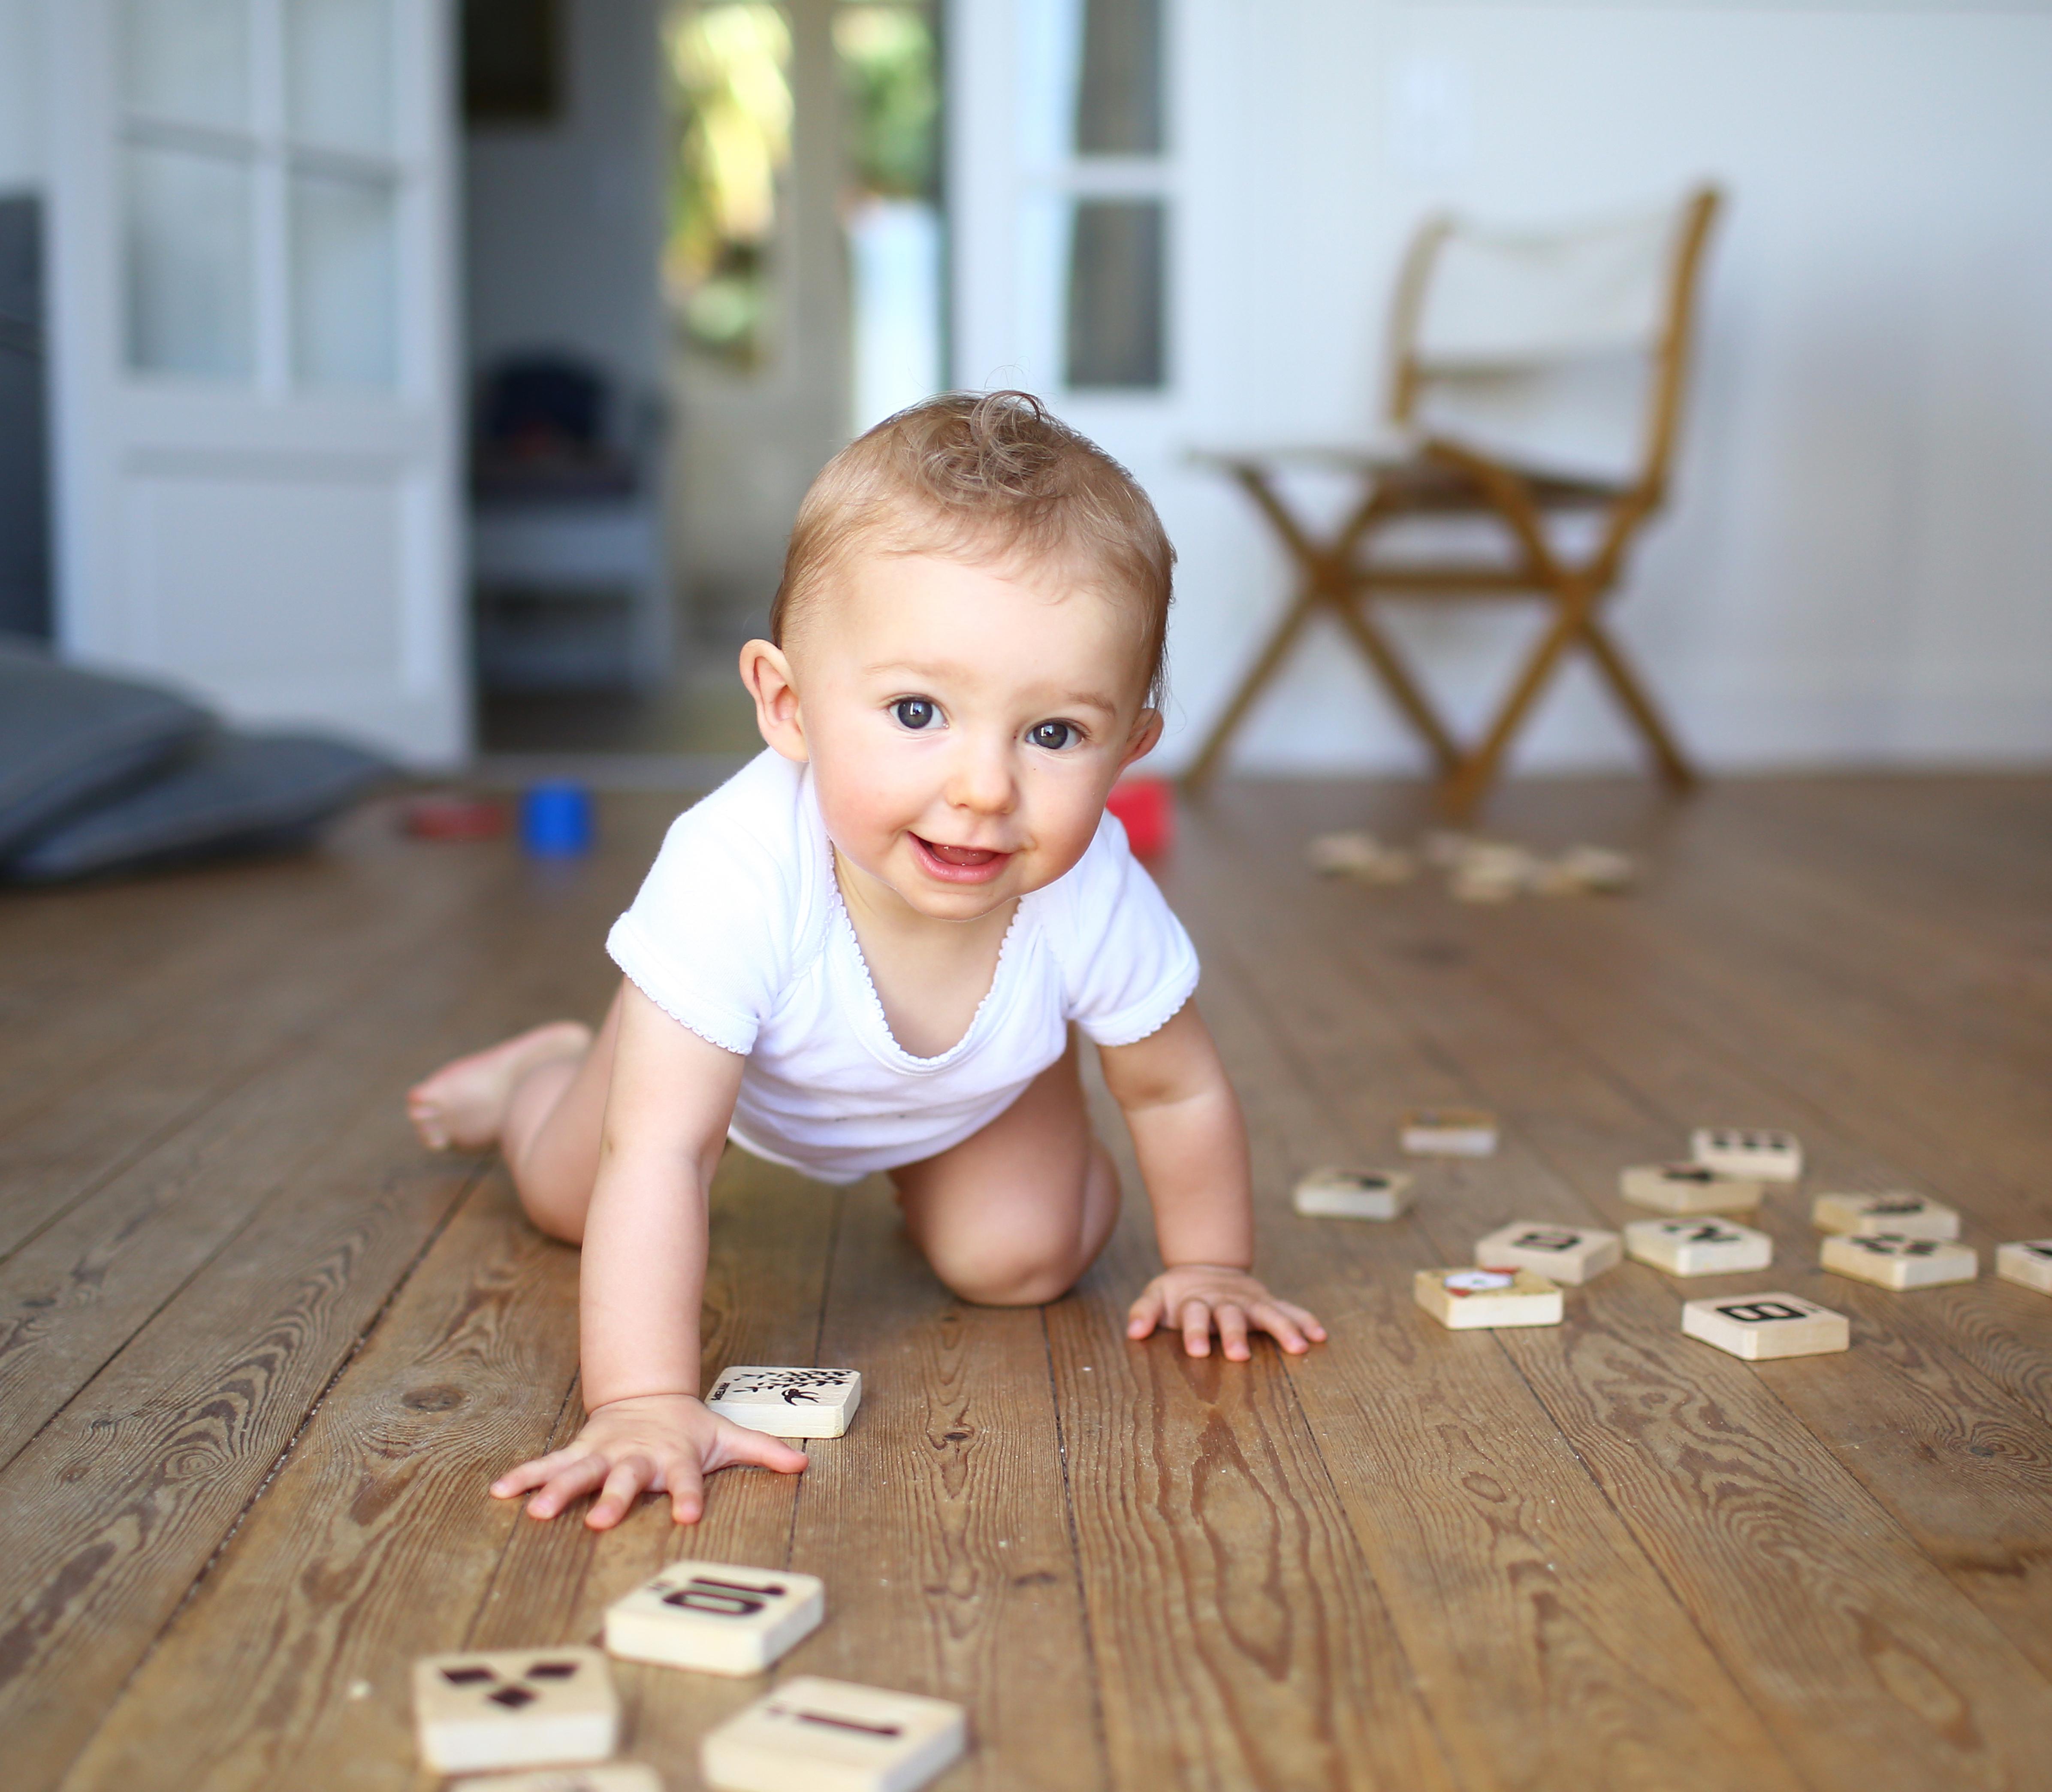 Rund ums Baby: Tipps & Tricks | Famigros